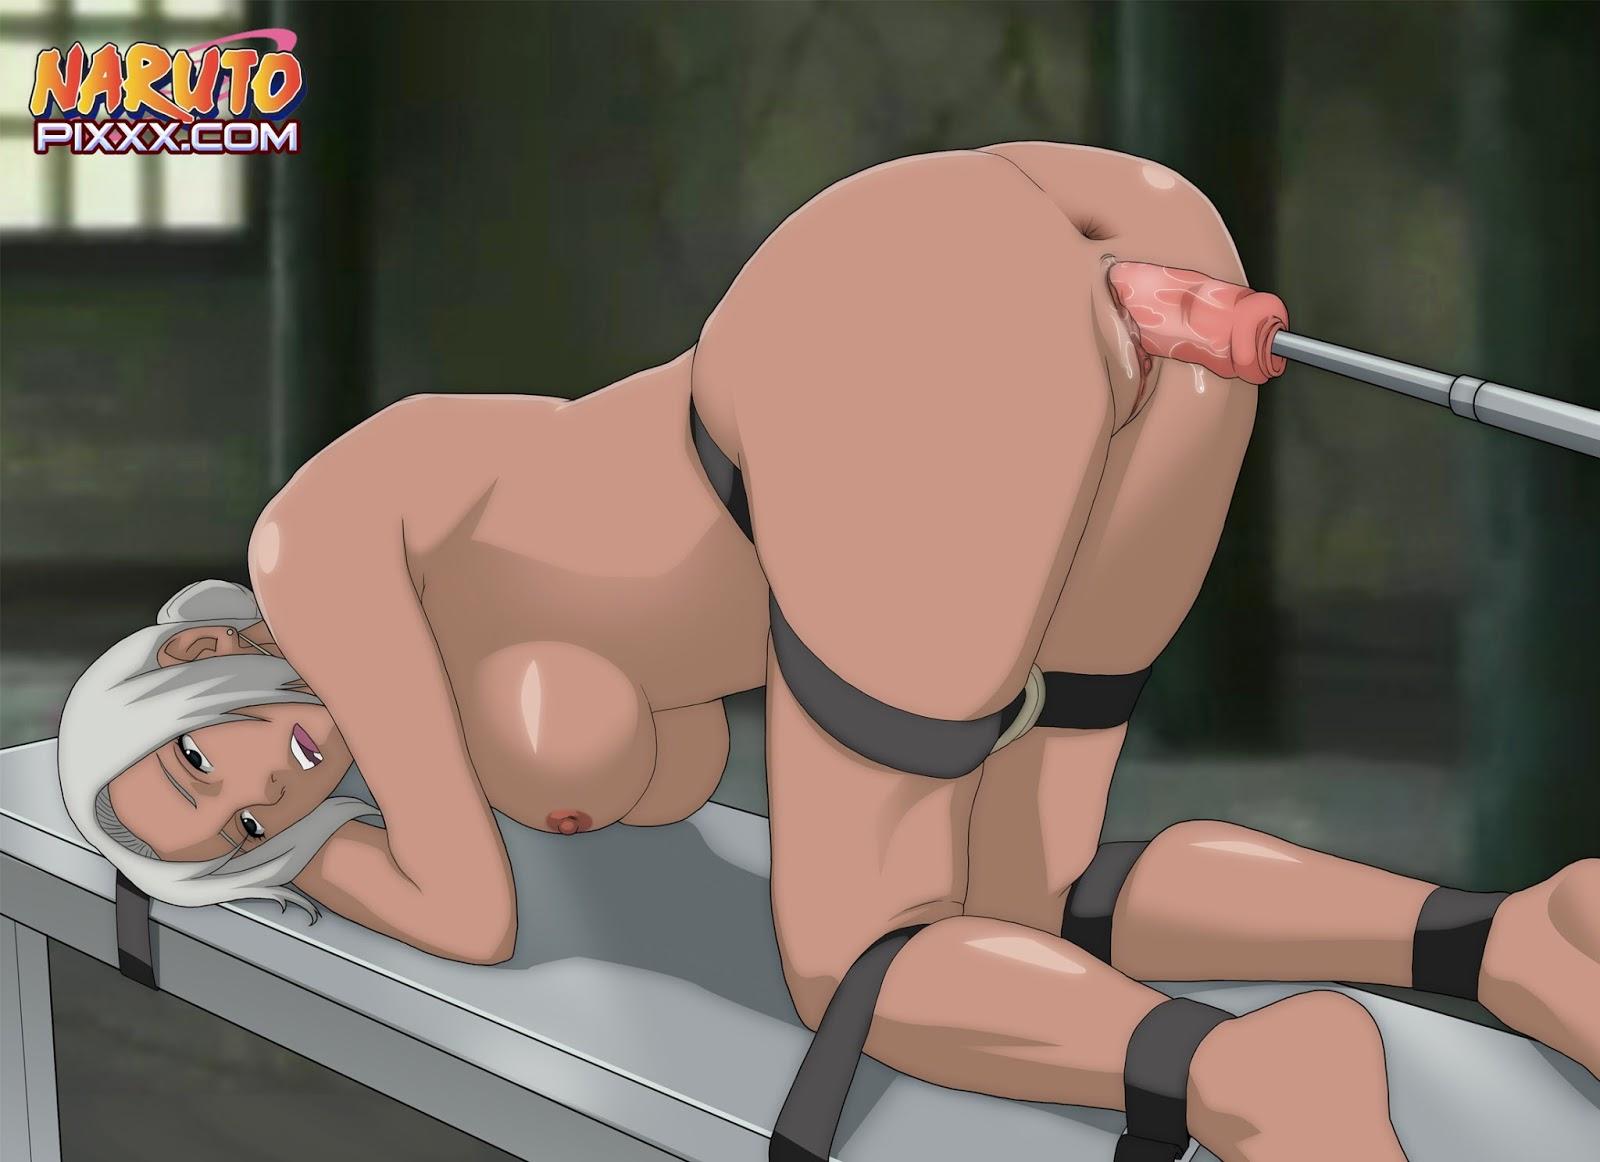 порно наруто галерея